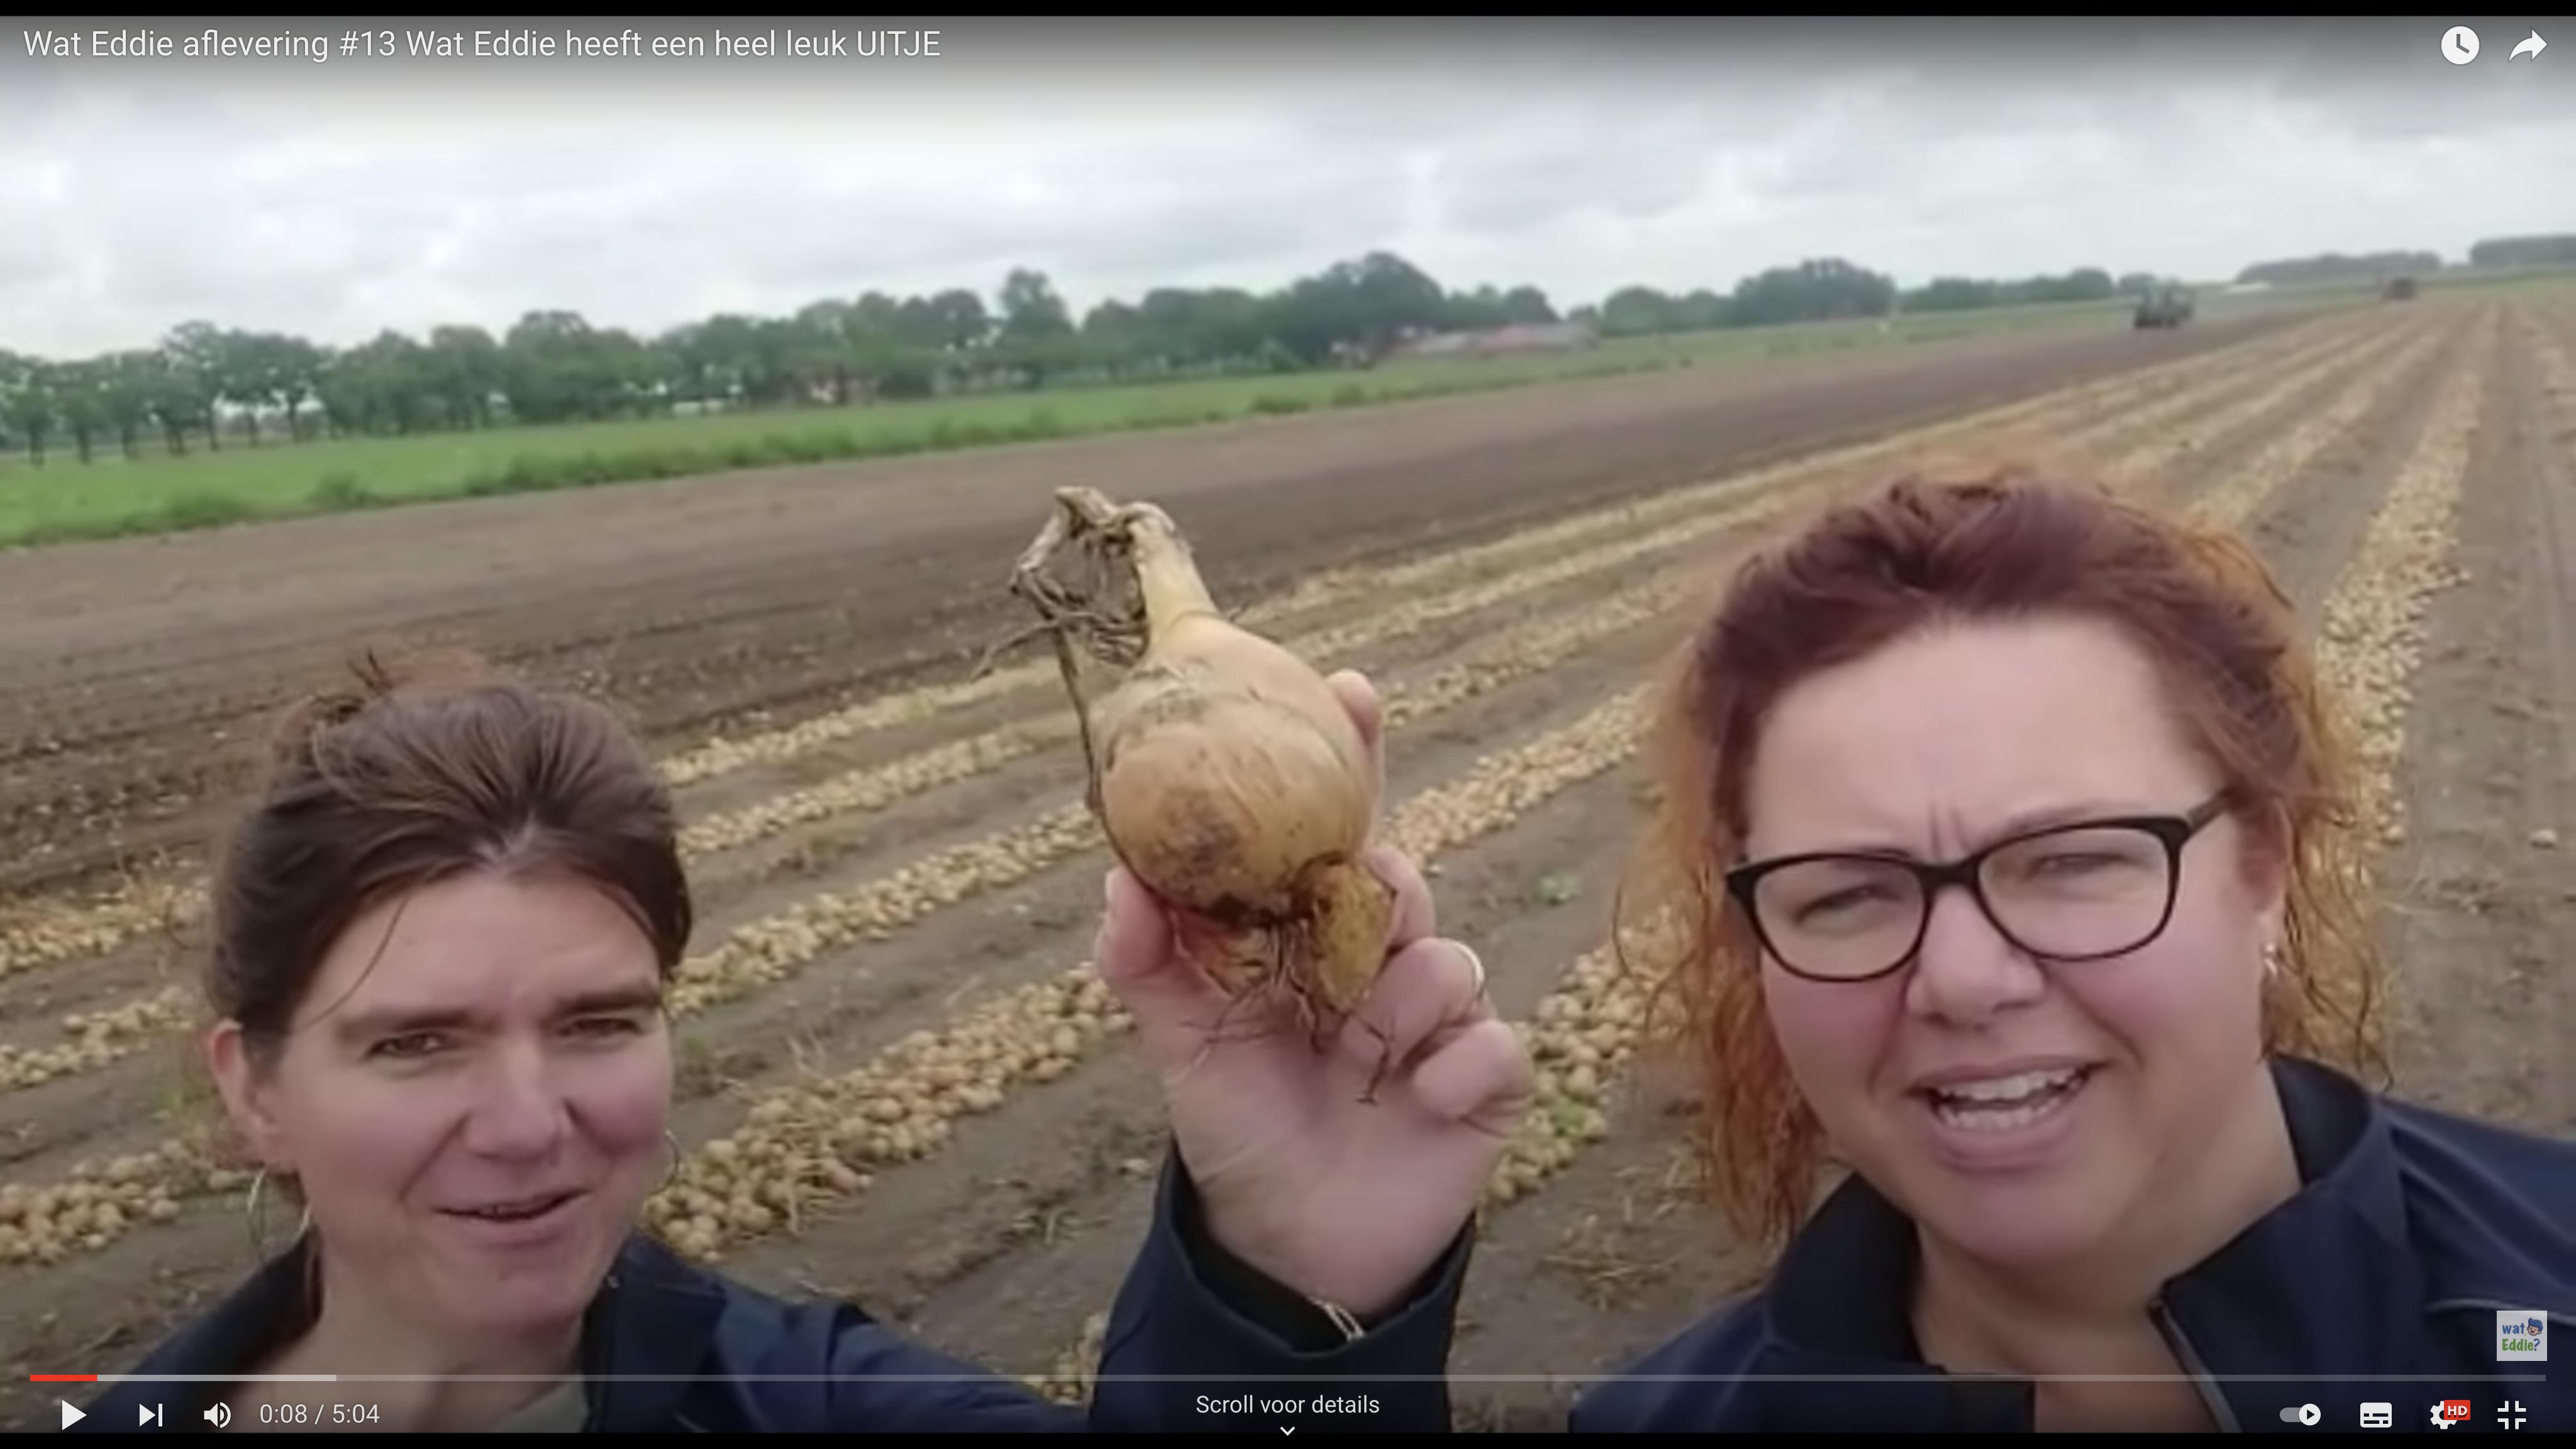 'Wat Eddie' laat met vlogs zien hoe  het écht gaat in een boerenbedrijf